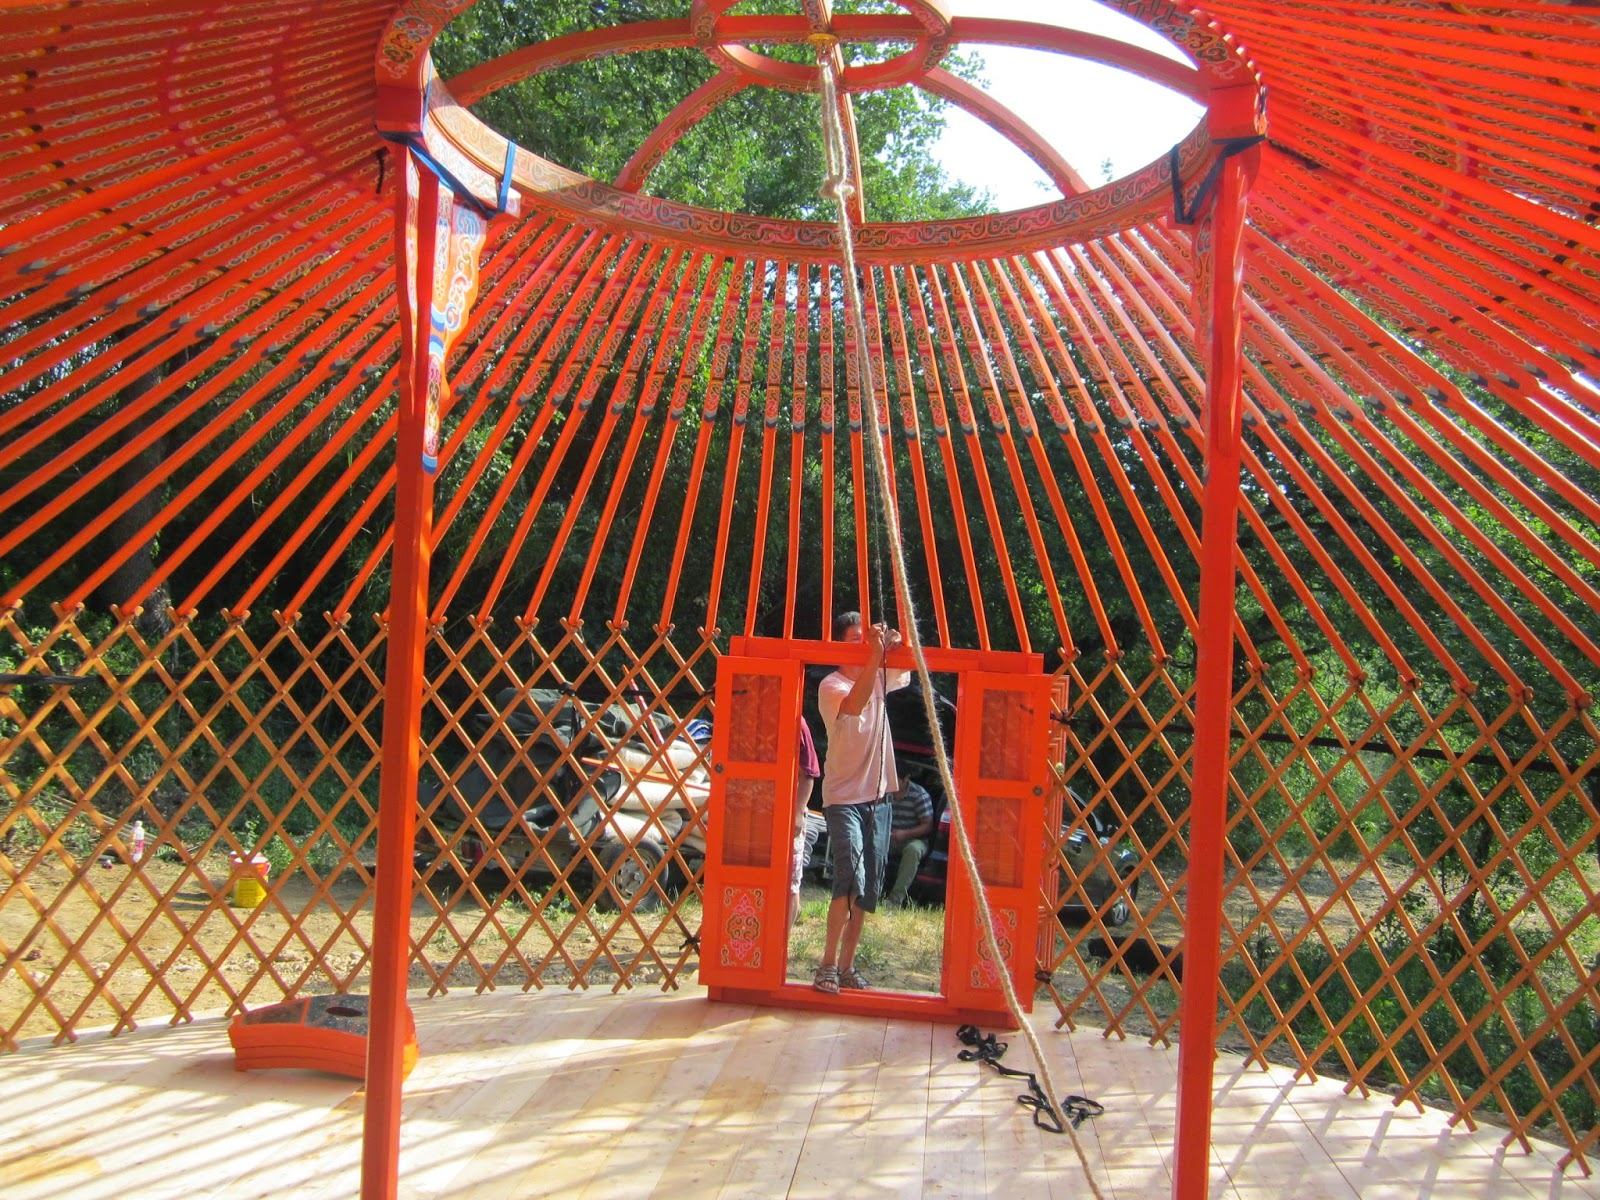 Camping coccinelle 66 montage d 39 une yourte authentique for Interieur yourte